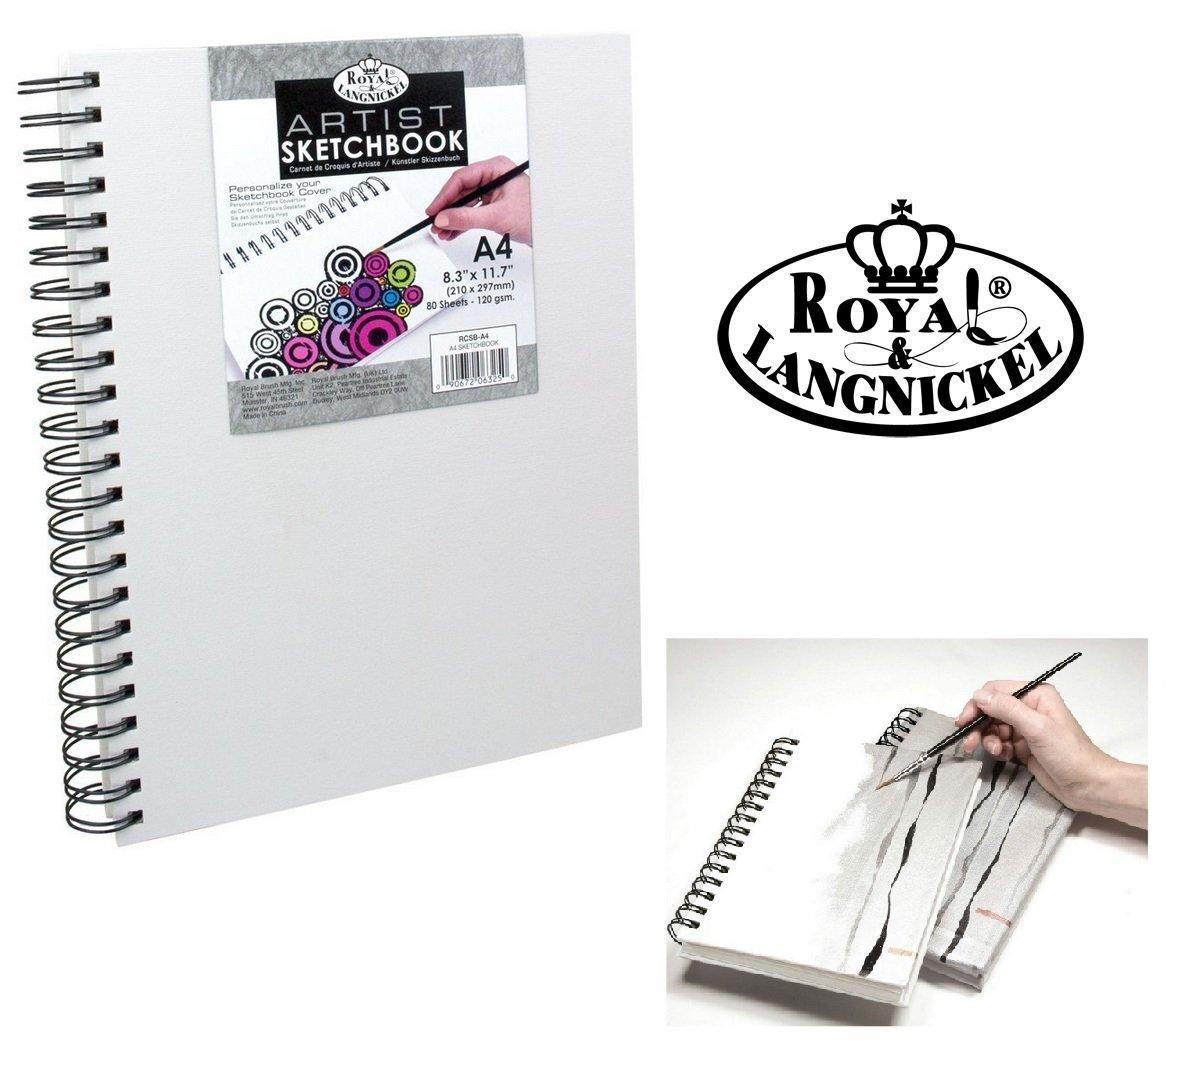 A6 Casebound Sketch Book Premium 110gsm White Cartridge Paper